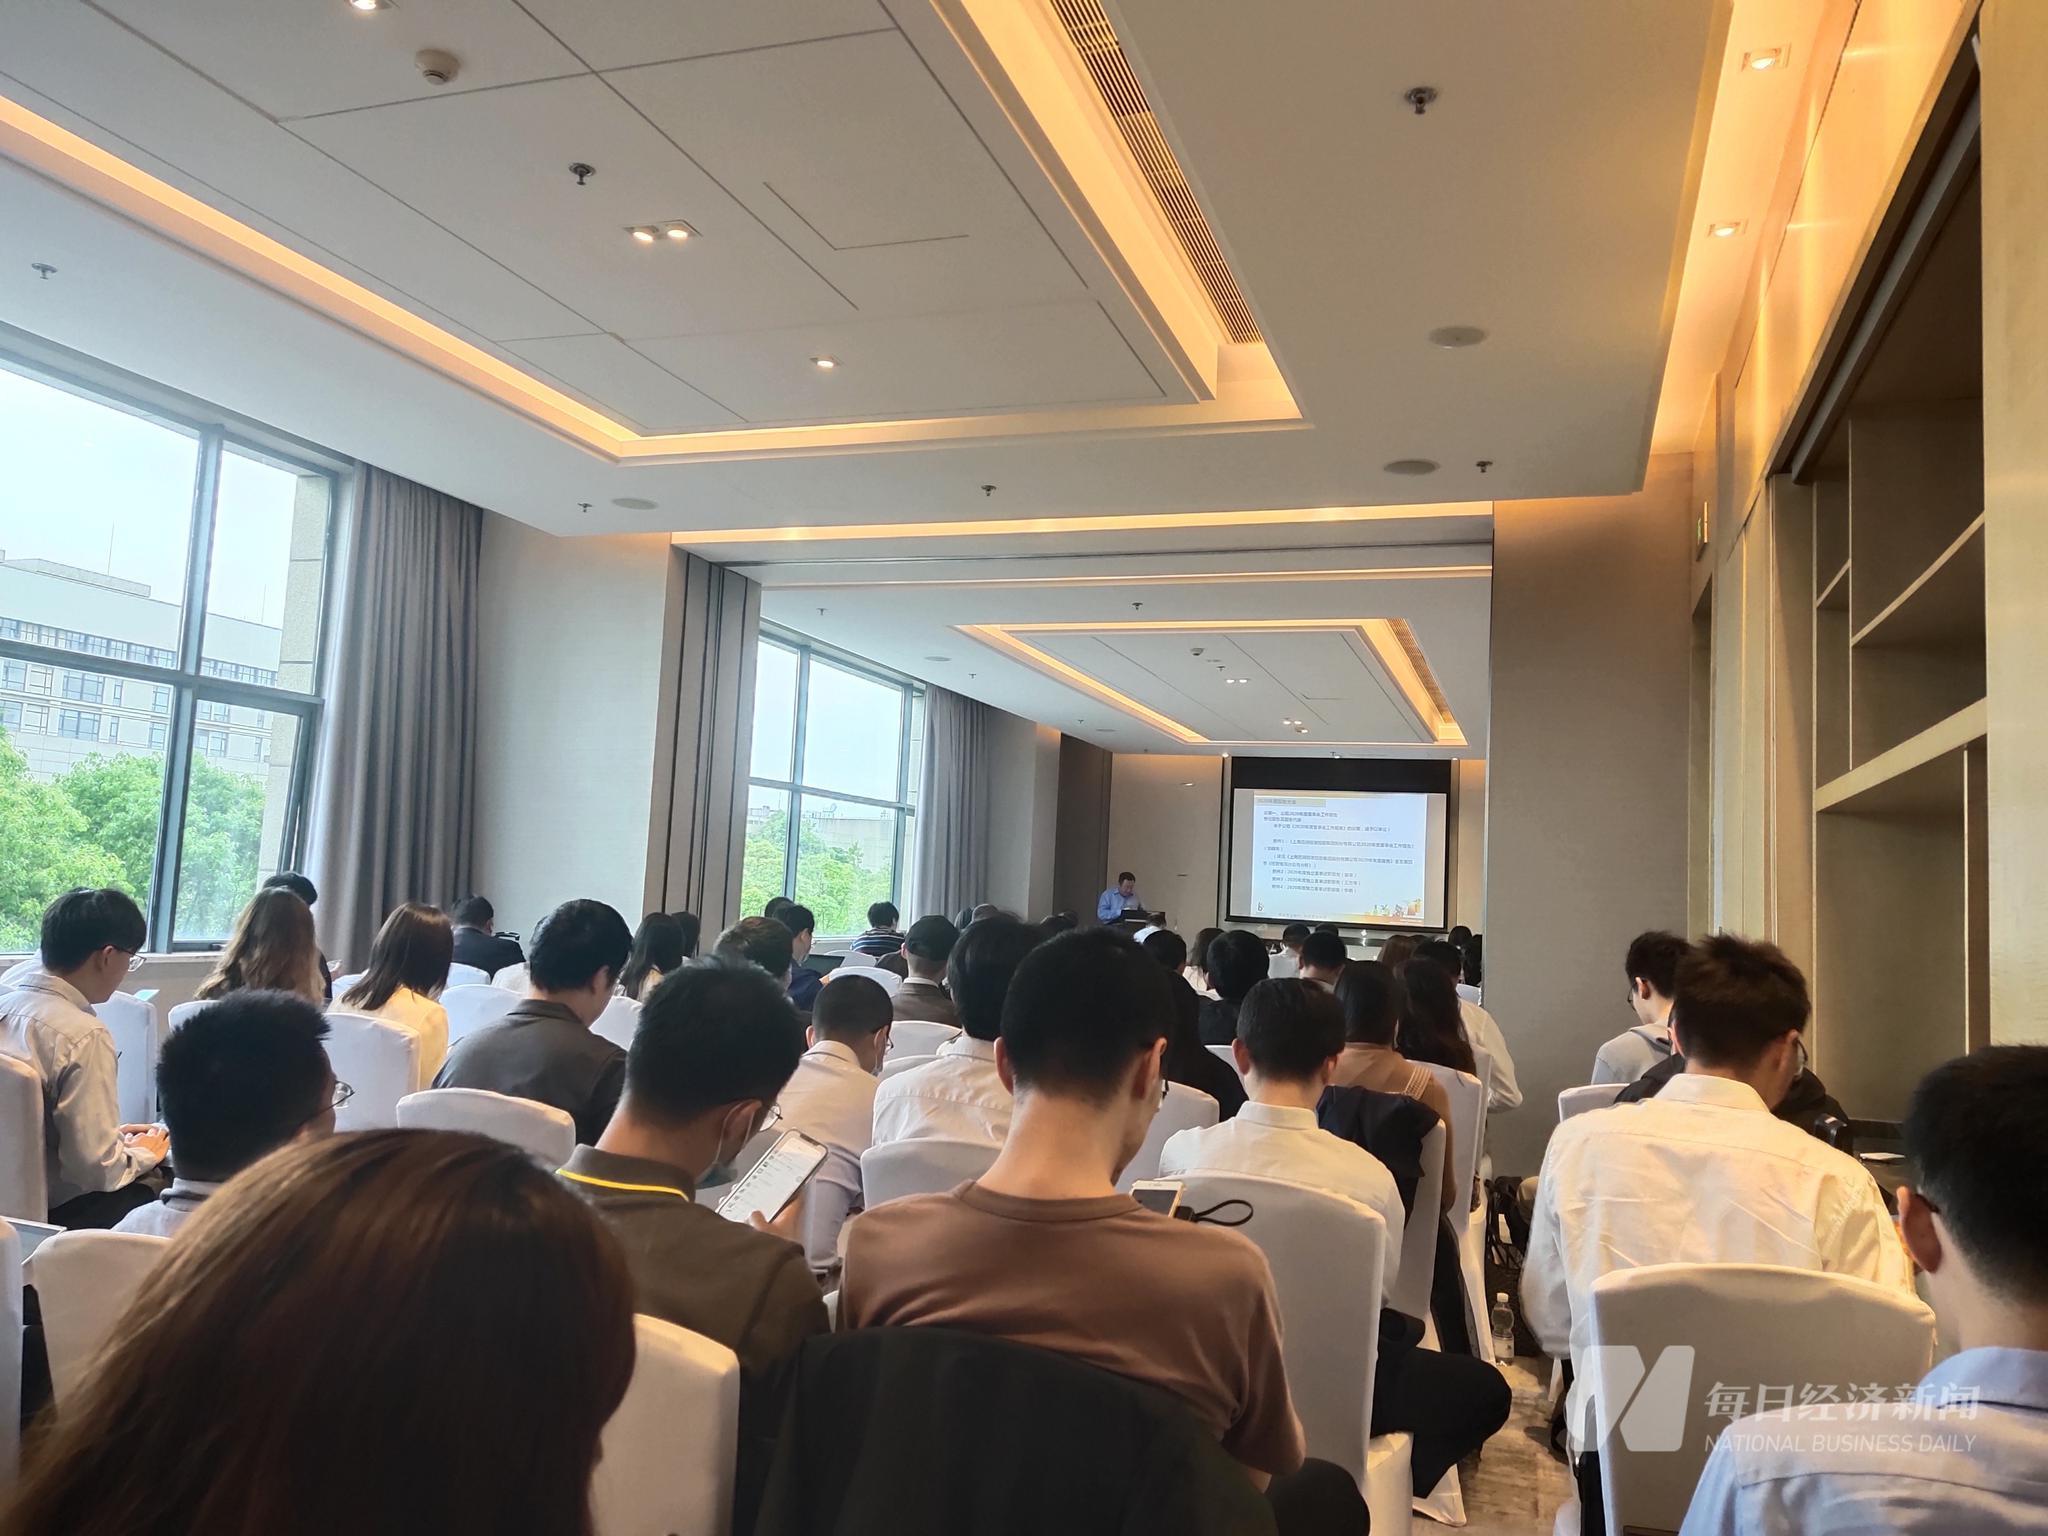 直击百润股份股东大会,董事长刘晓东:预调鸡尾酒渗透率尚低 一线城市经销商网络仍有欠缺